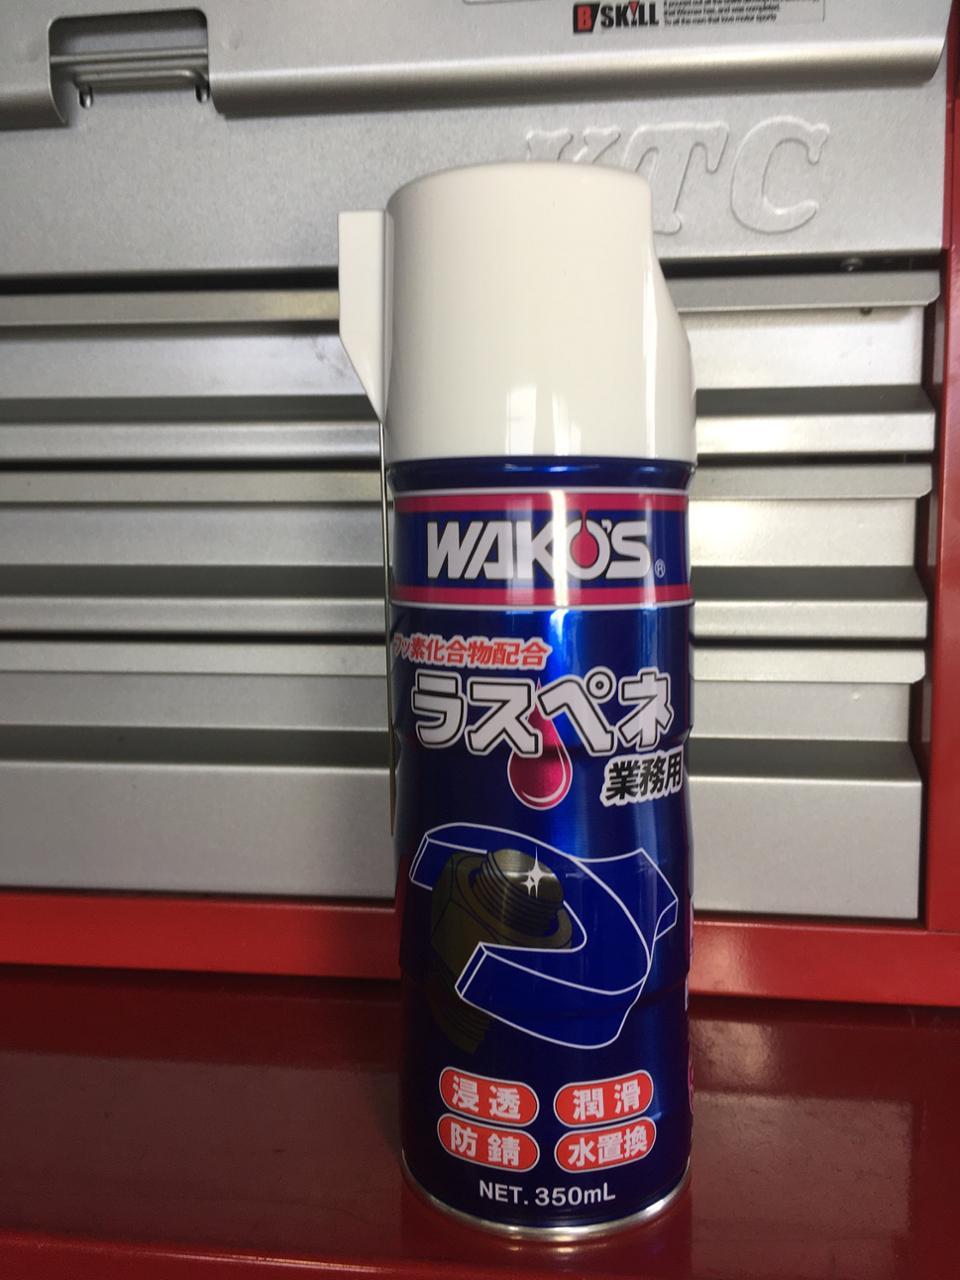 WAKO'S RP-L / ラスペネ